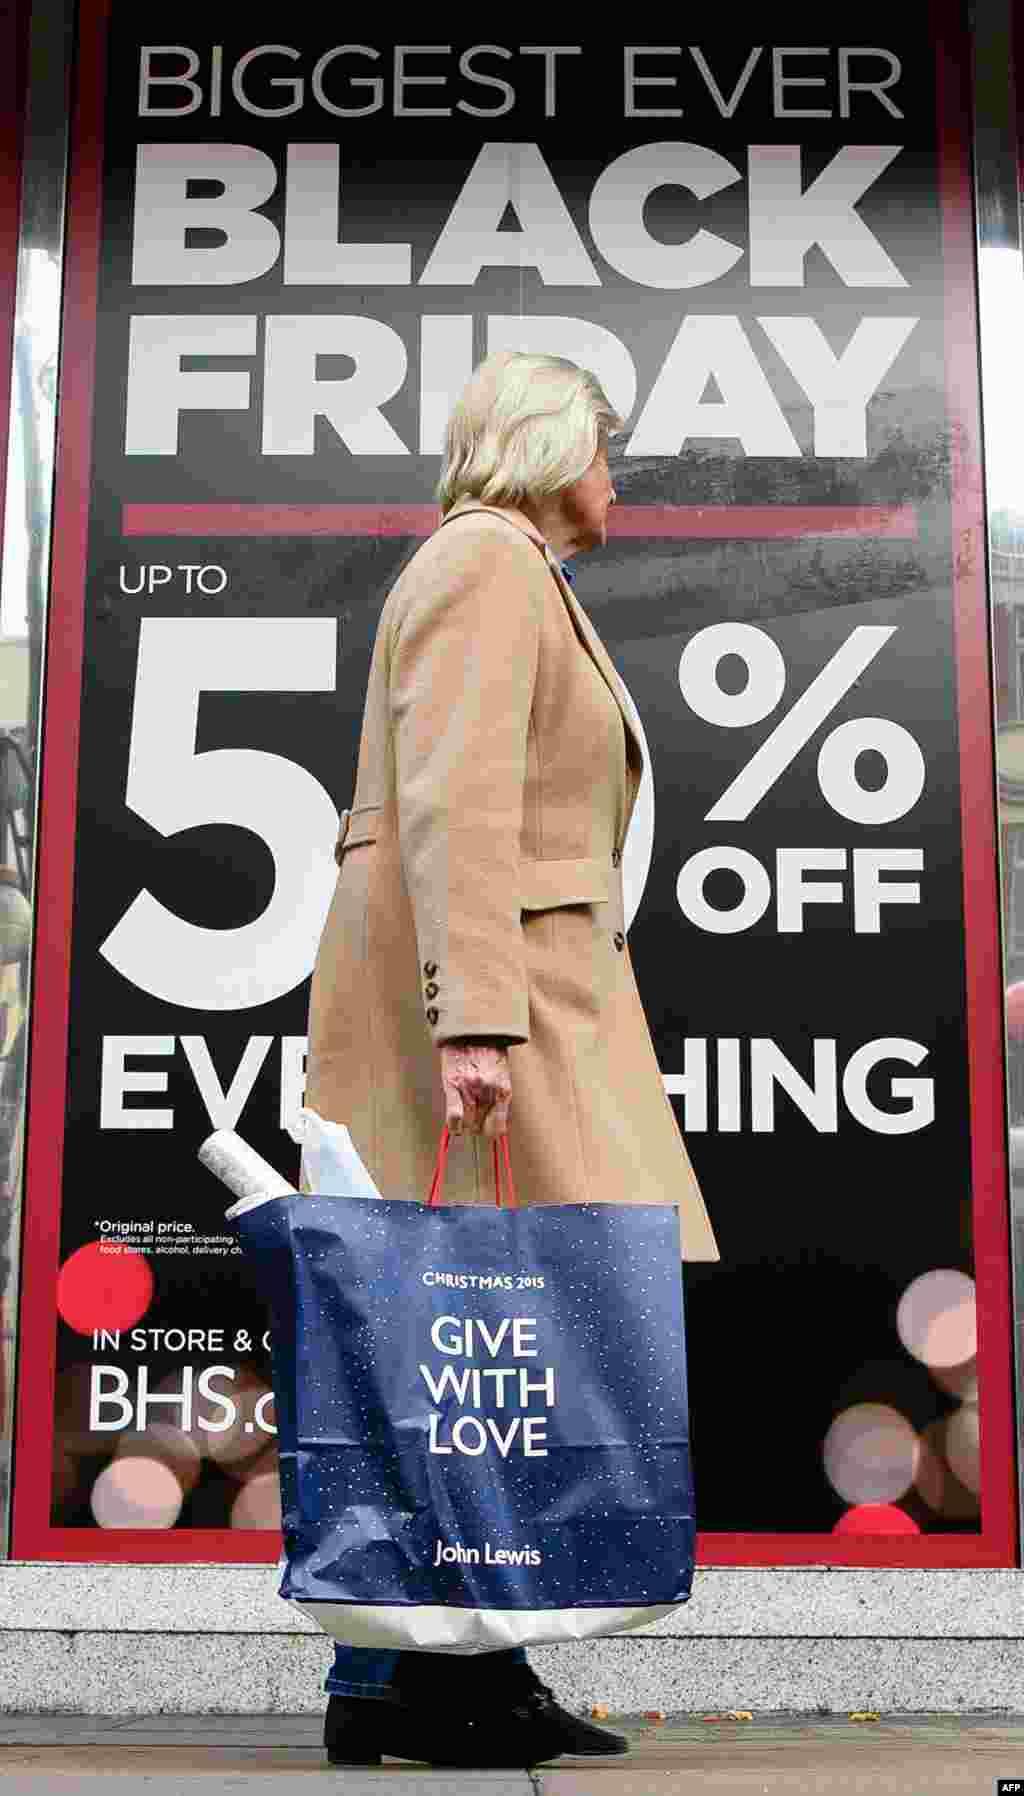 영국 런던 중심가인 옥스포드 거리에 '블랙프라이데이' 할인을 알리는 배너가 붙어있다. '블랙프라이데이'는 미국에서 추수감사절 다음 날 상점들이 대대적인 할인 판매를 하면서 시작됐다.